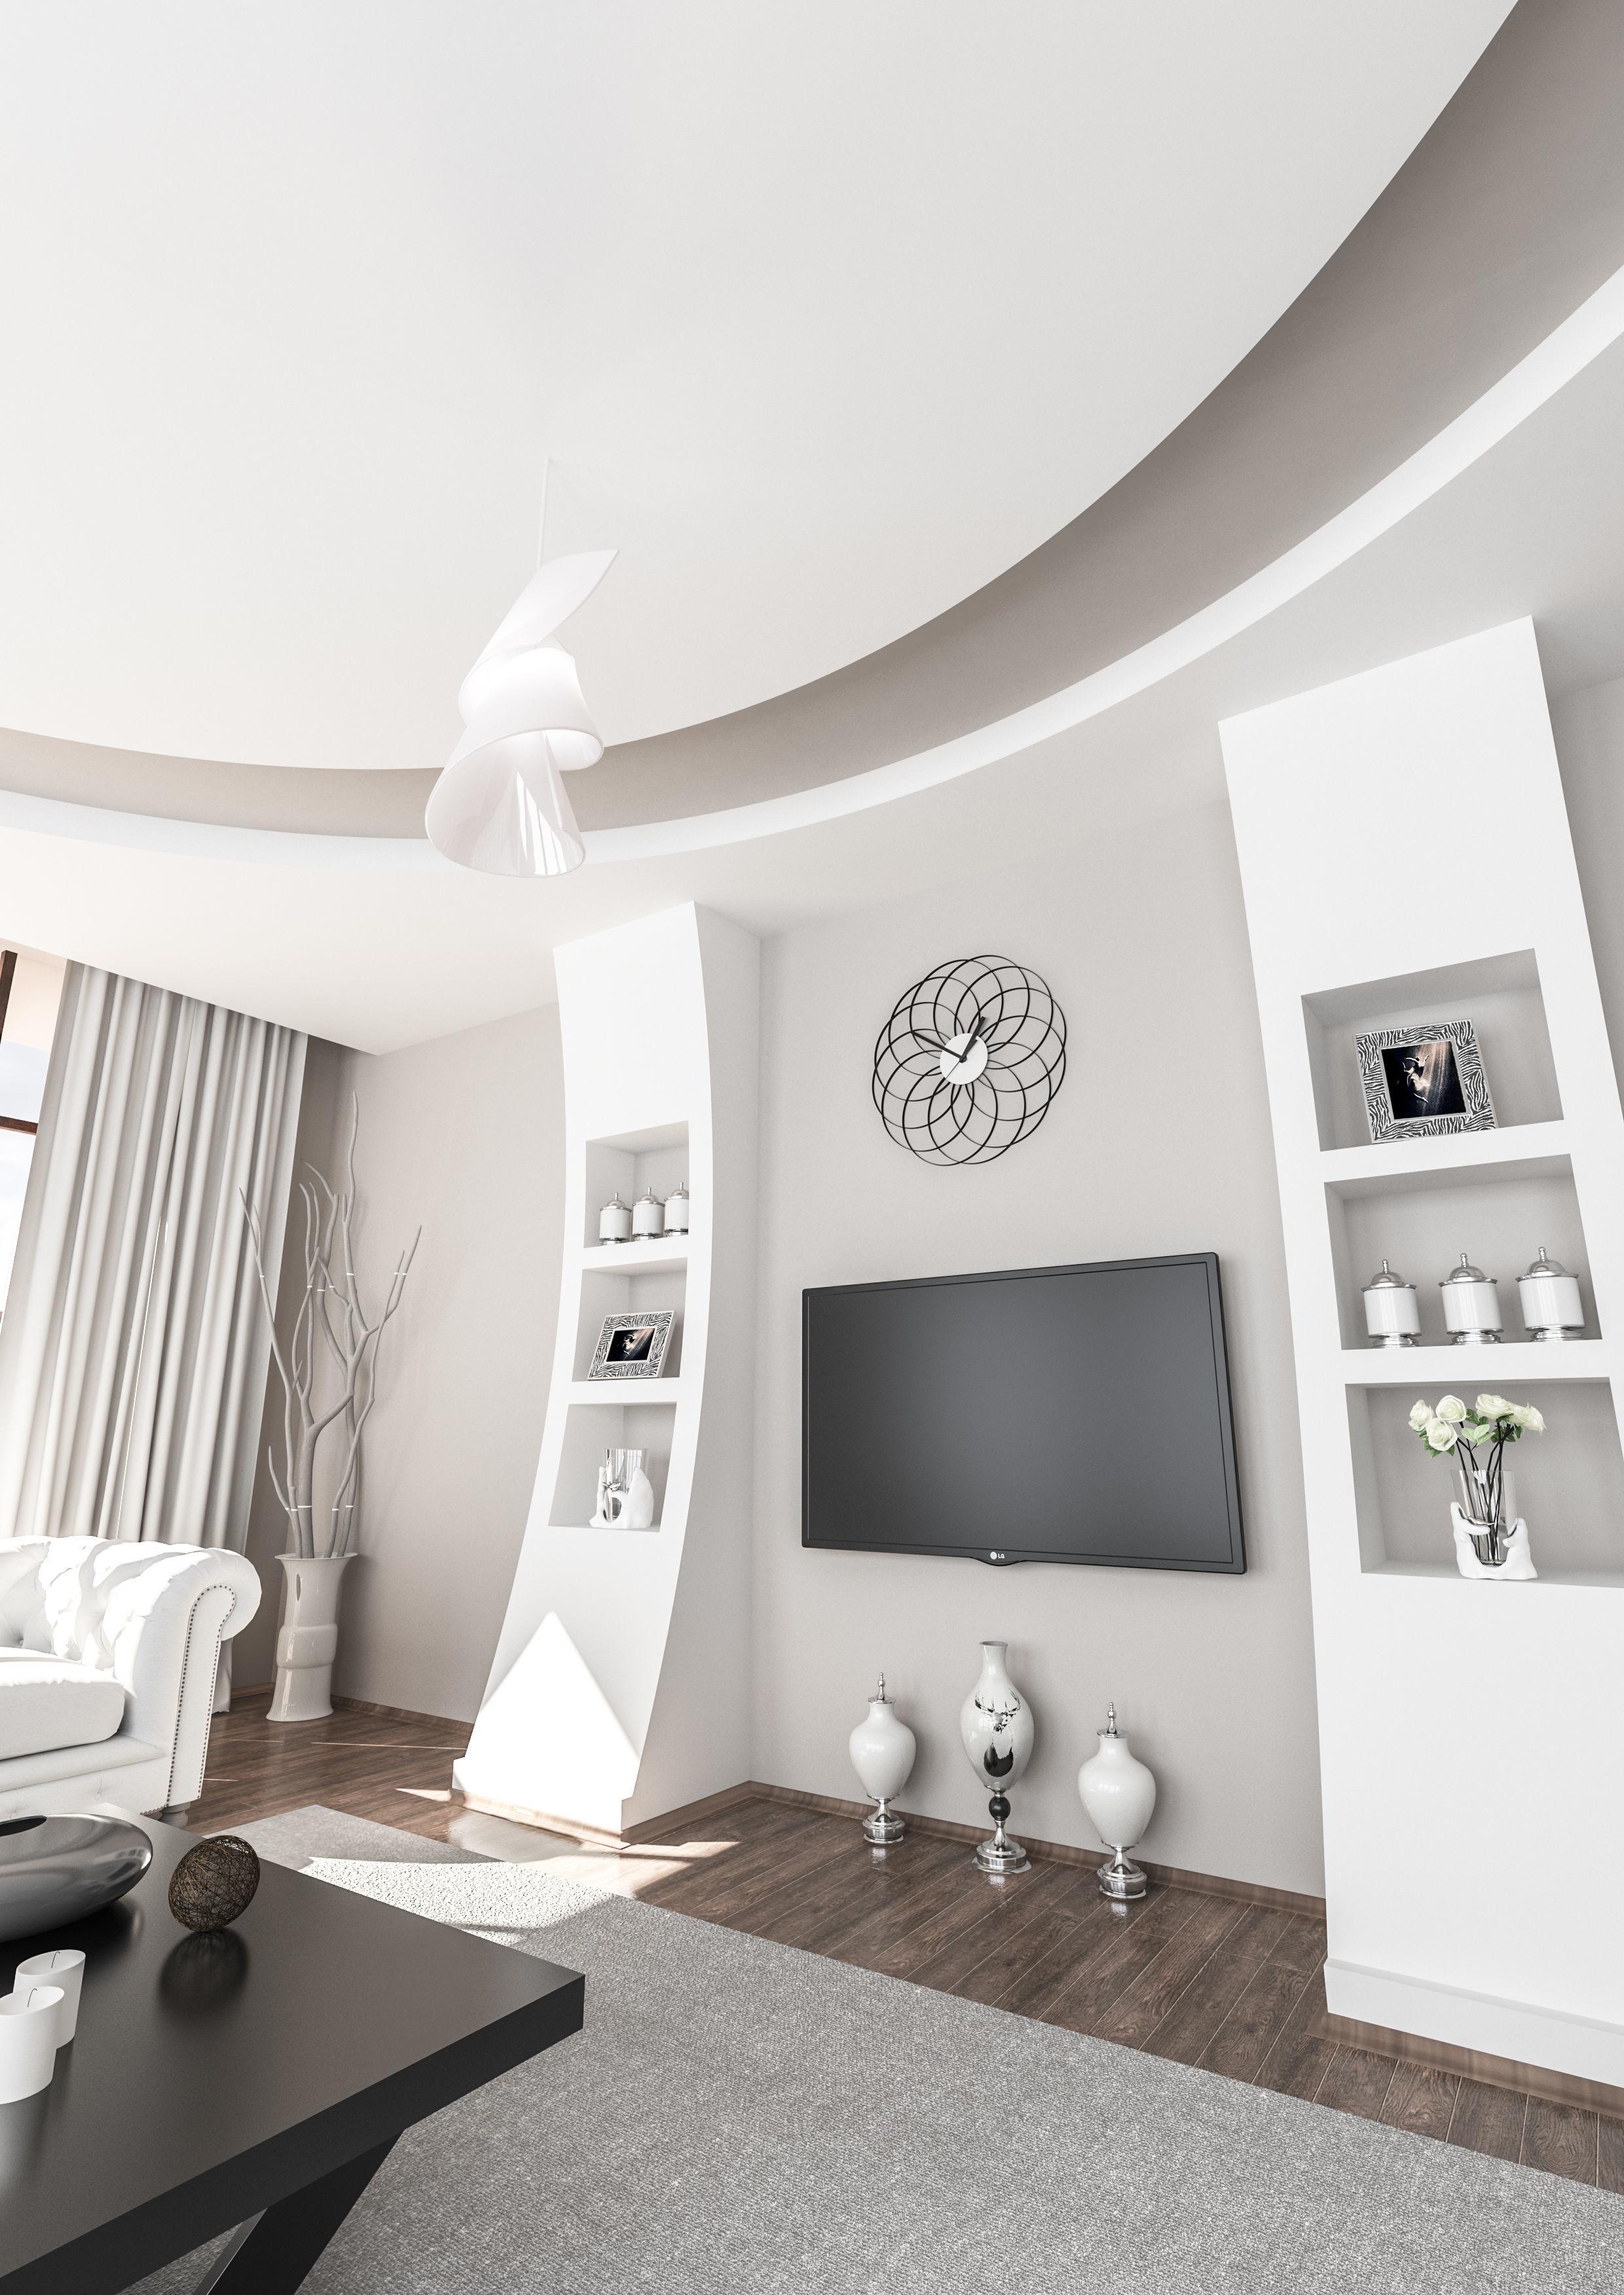 3d Room Interior Design: Interior Room Tv Unite Desing3 3D